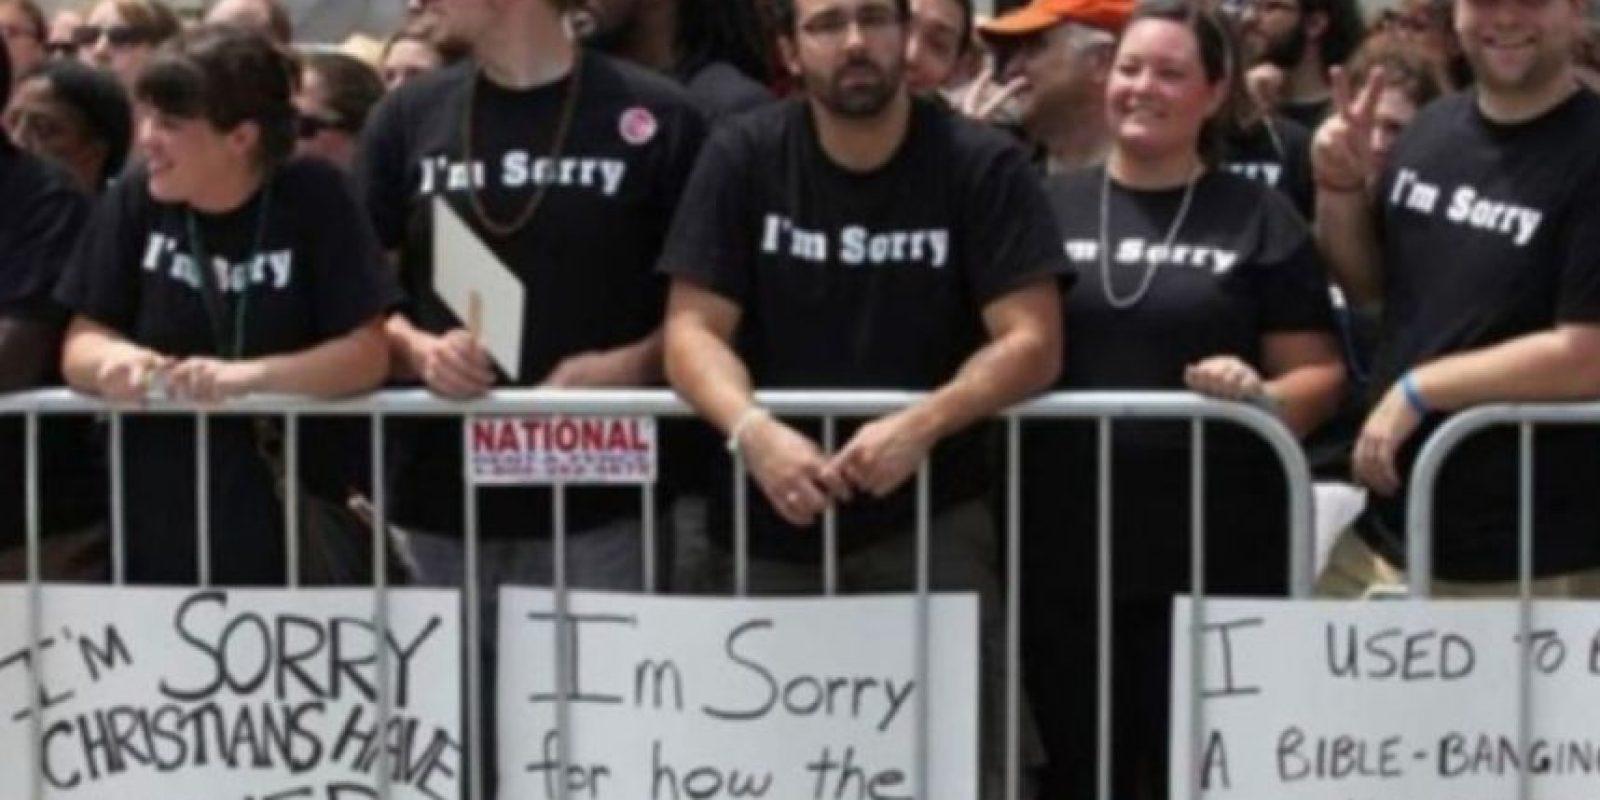 Cristianos se disculpan con gays por su homofobia Foto:Tumblr